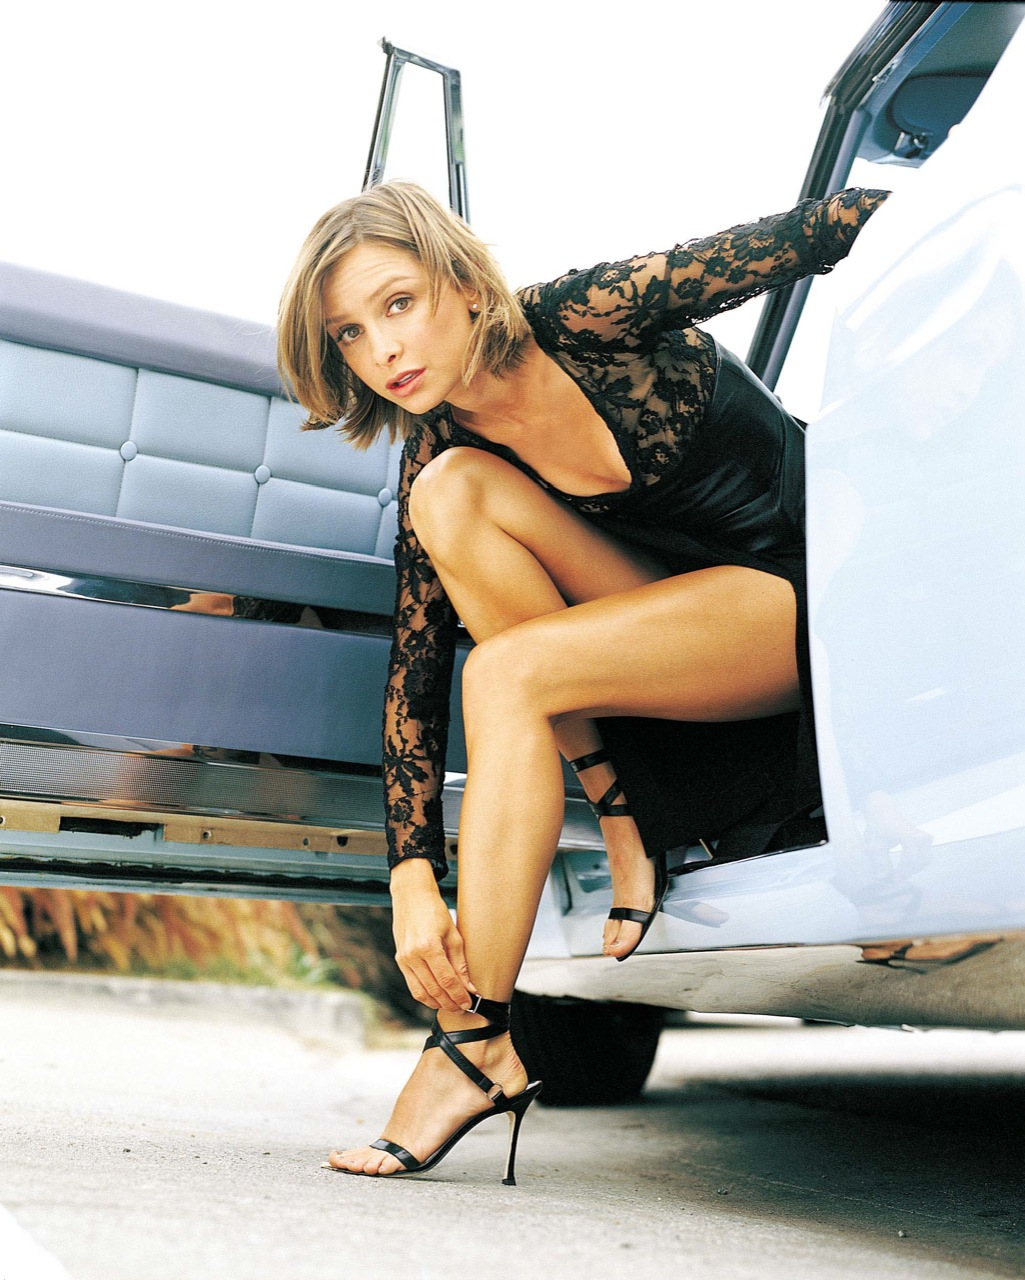 sexy girls wallpaper: Calista Flockhart sexy miniskirt and